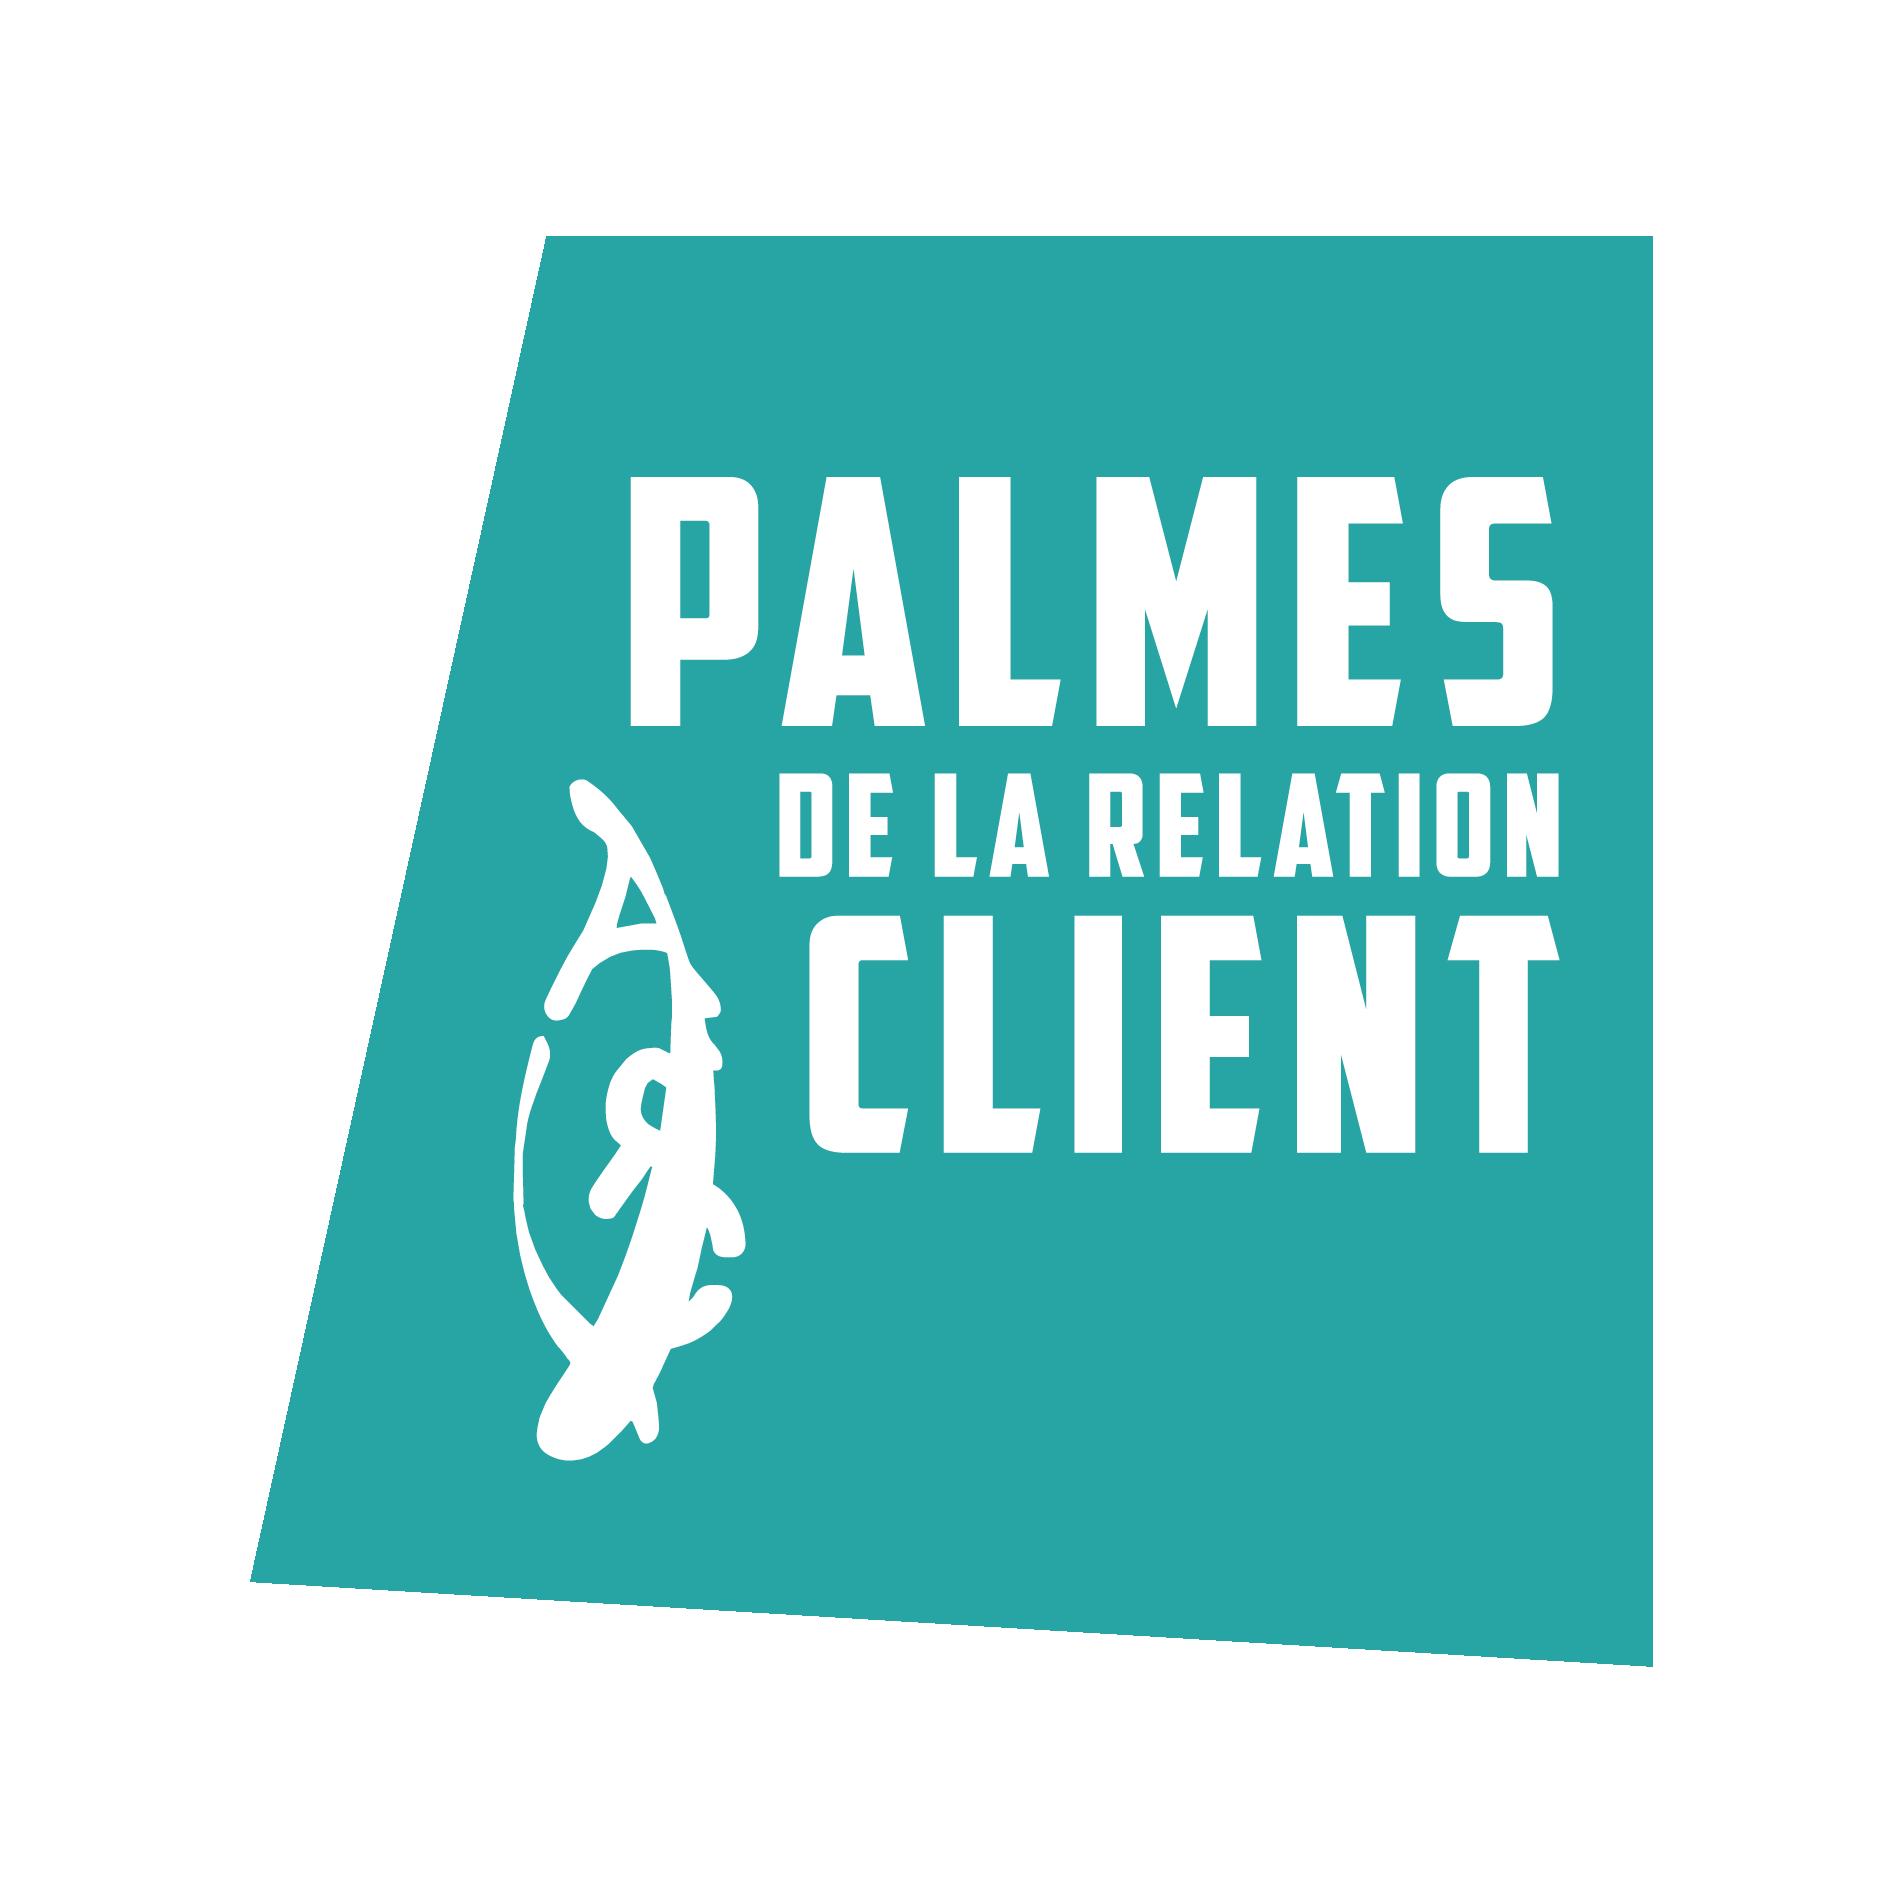 Palmes de la Relation Client 2020